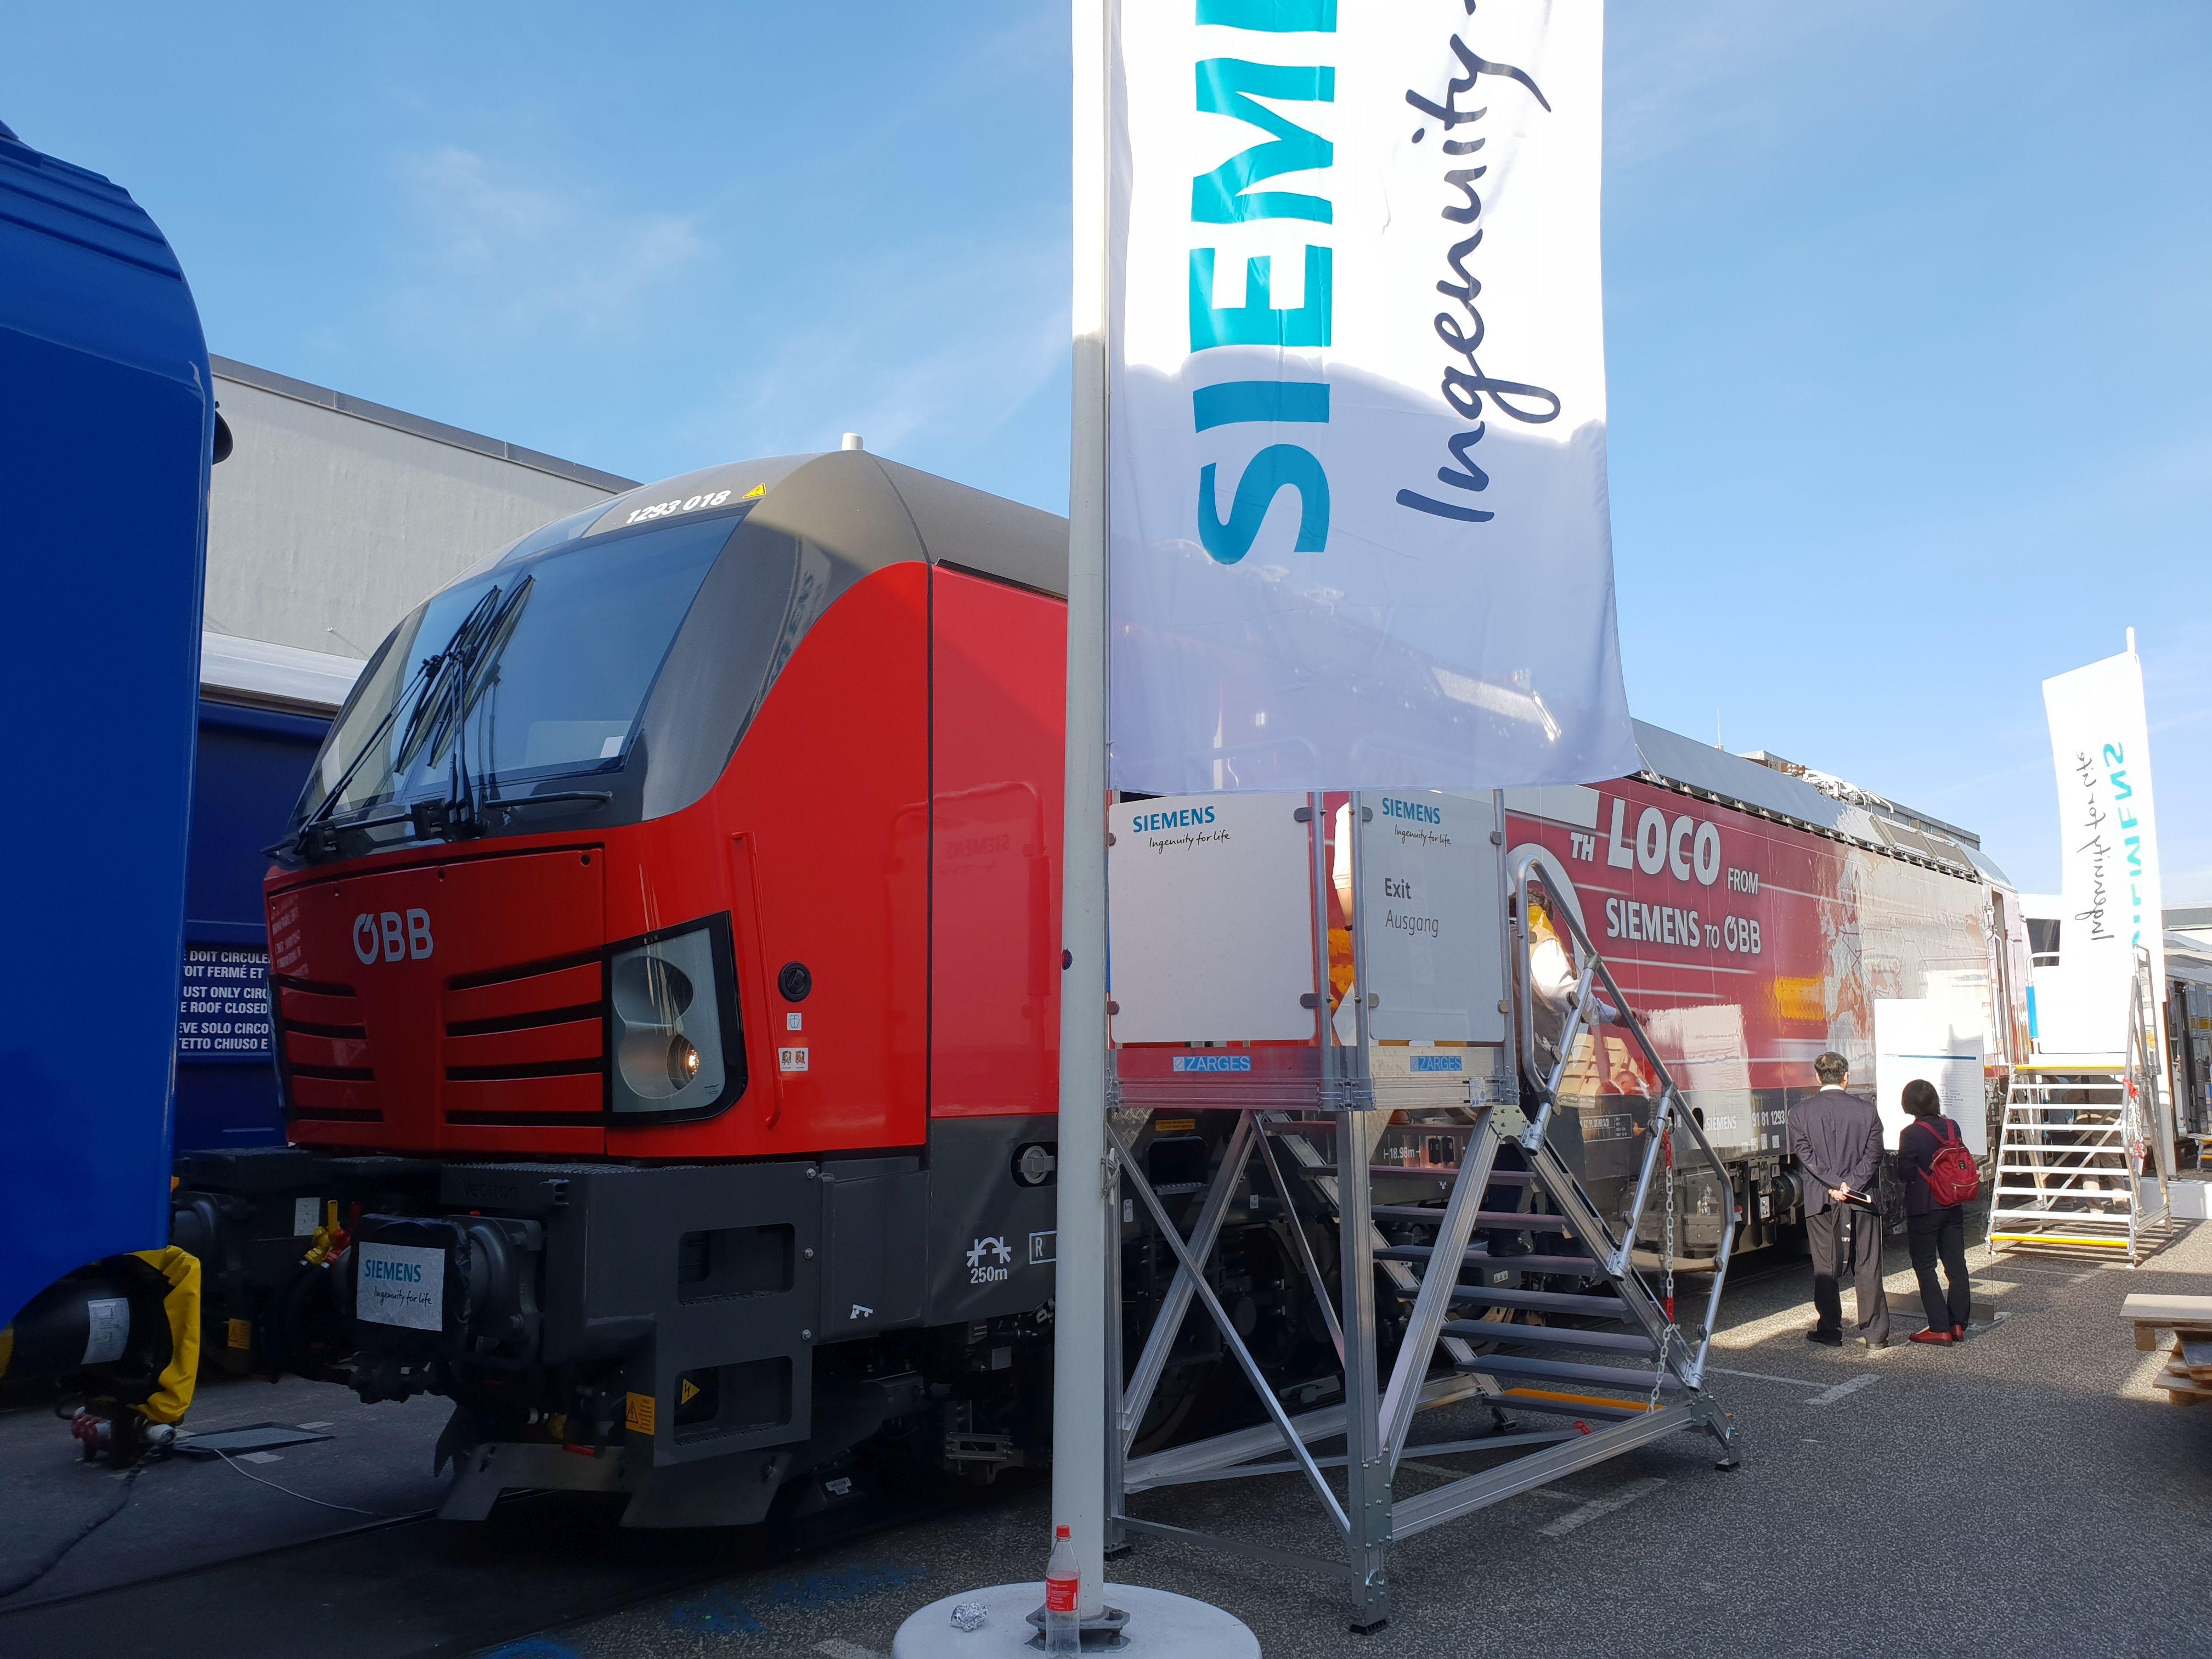 Foto: Vectron von Siemens für die ÖBB - 500. Lok an die ÖBB - auf der Berliner Innotrans 2018